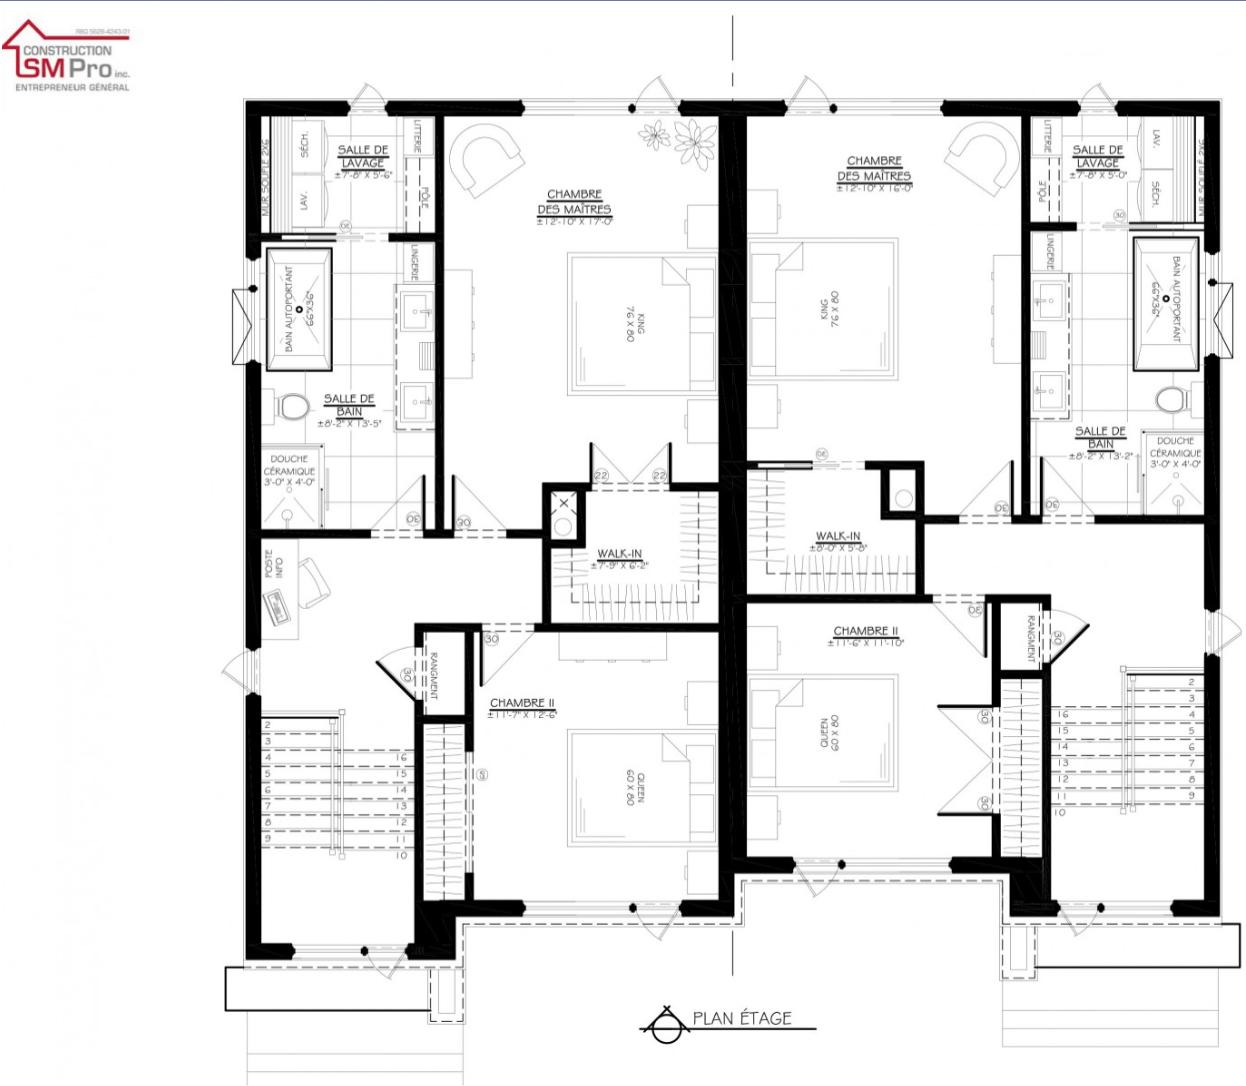 Construction SM Pro image modele SOFIA PLAN de l'etage